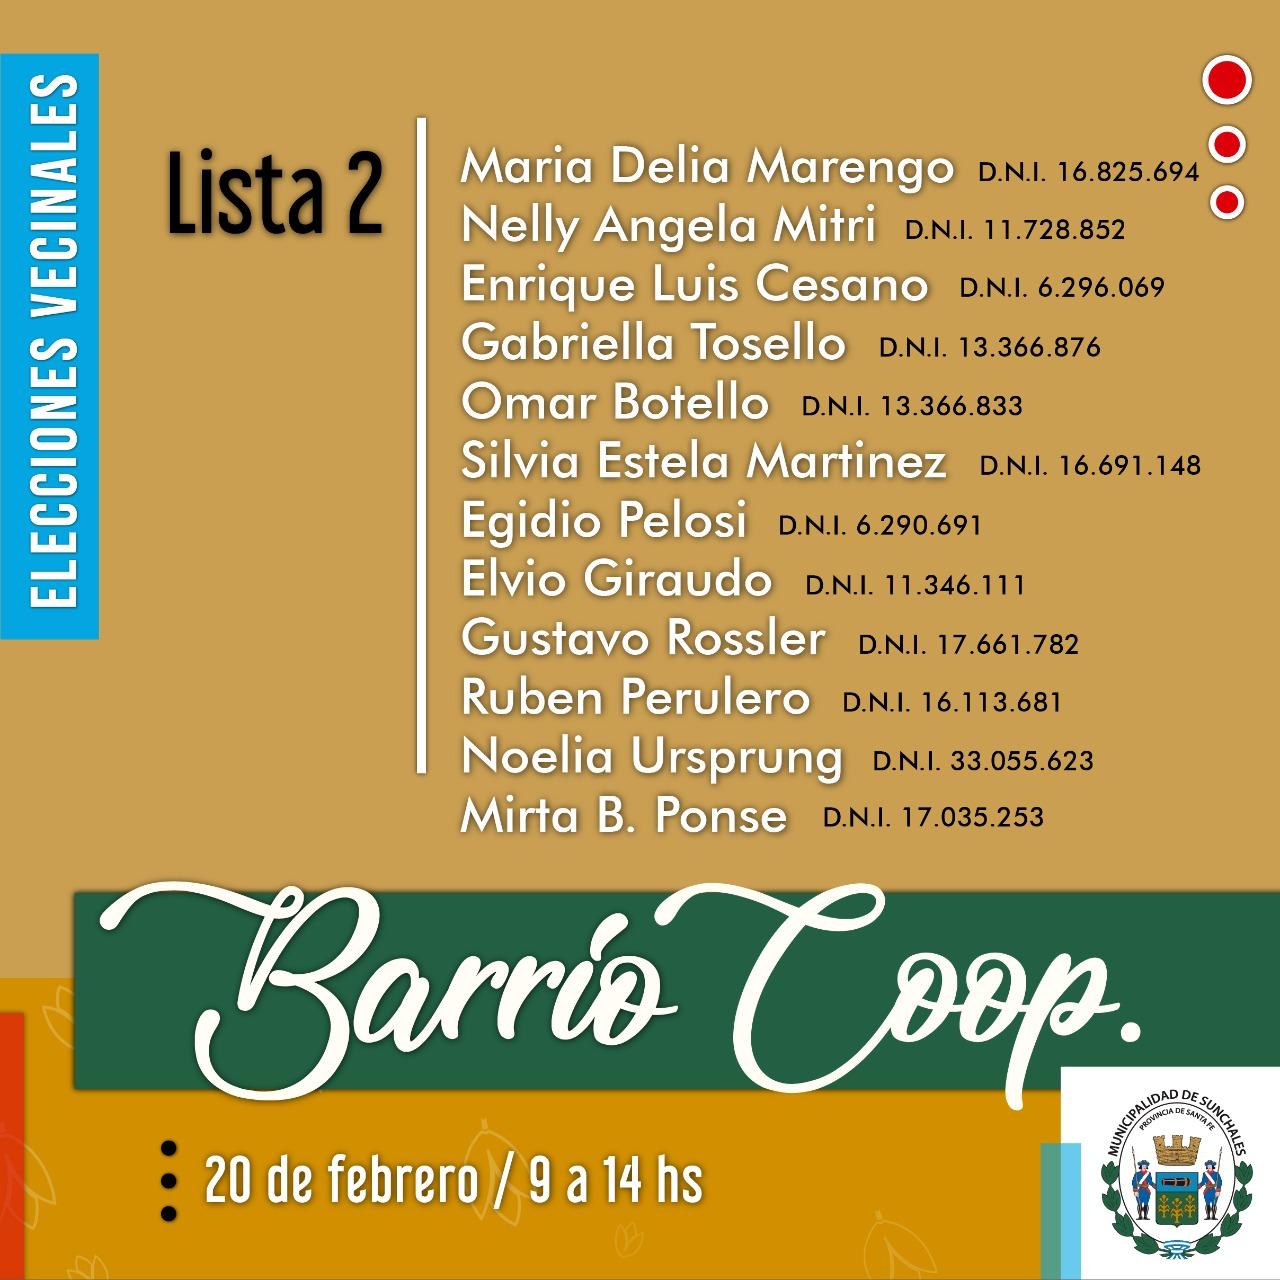 Lista 2 Coop